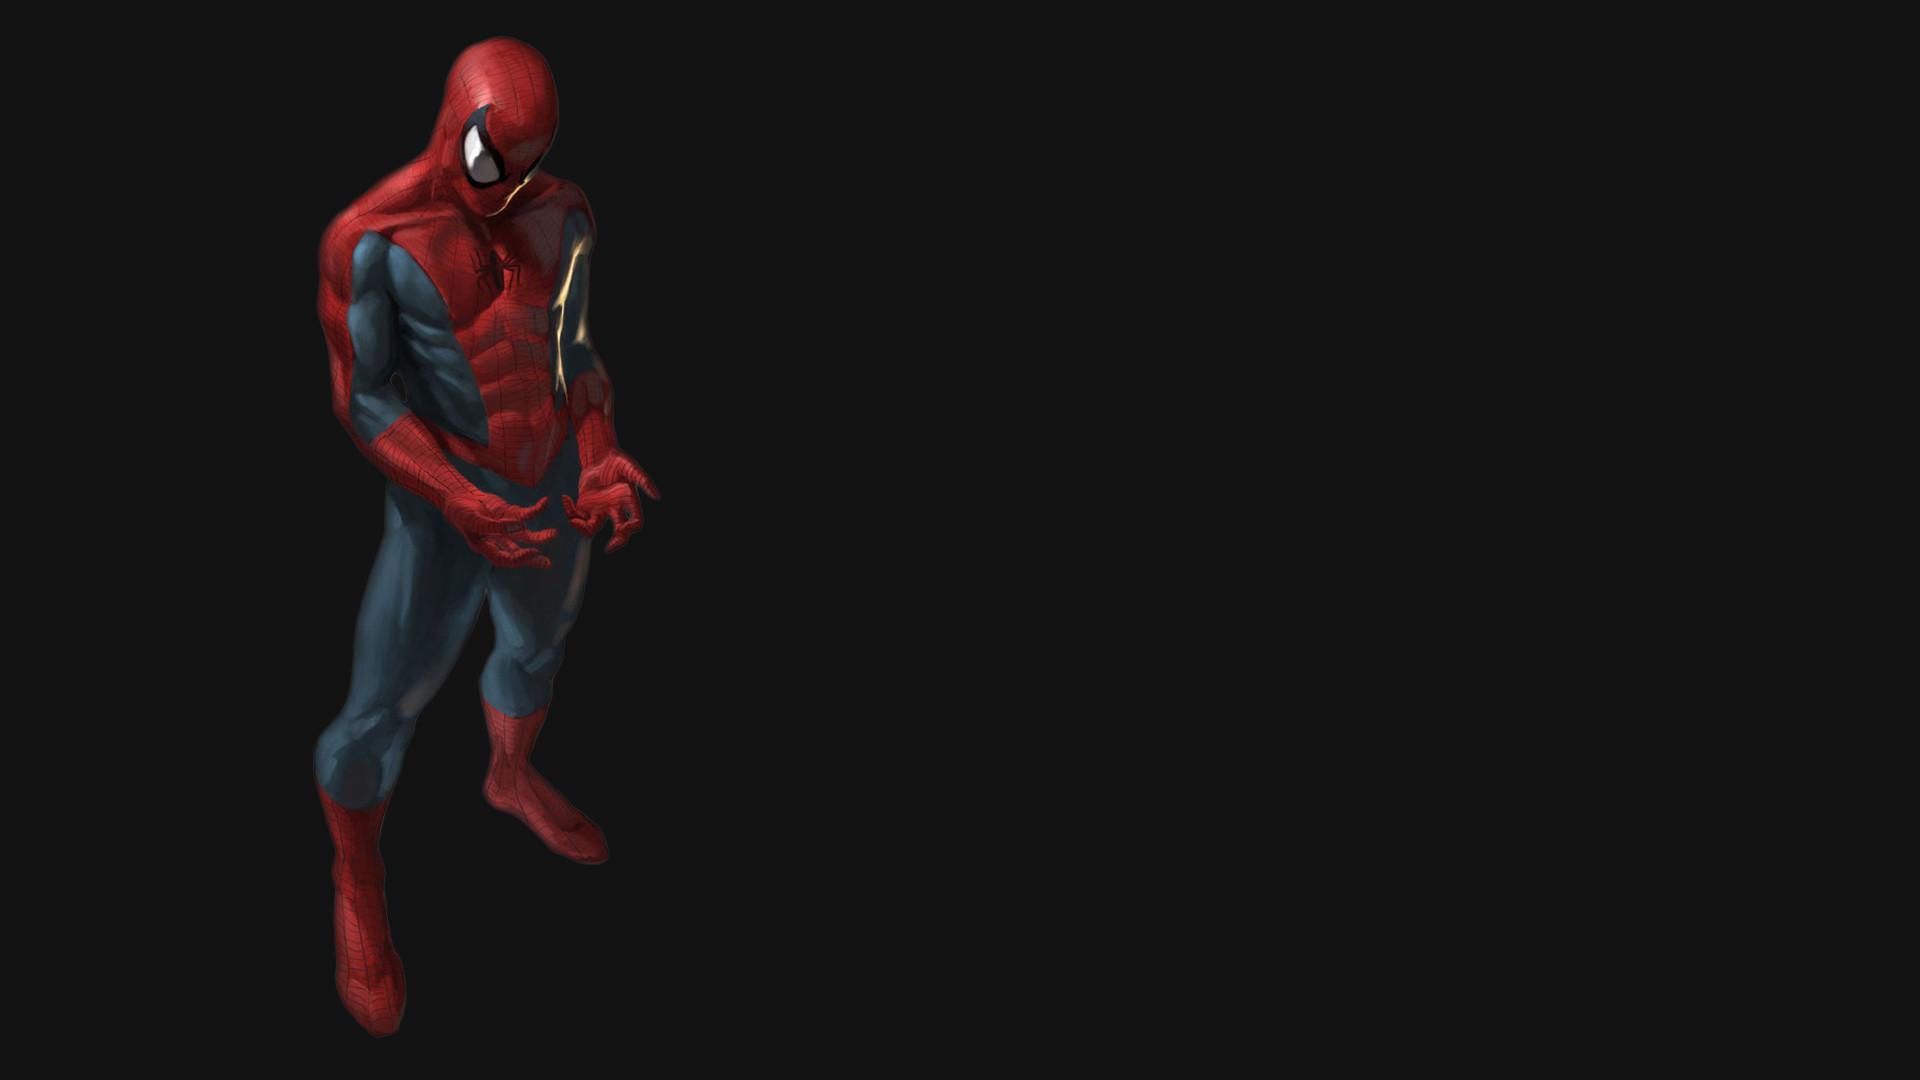 Spider man 3D Black Wallpaper · snake Black background